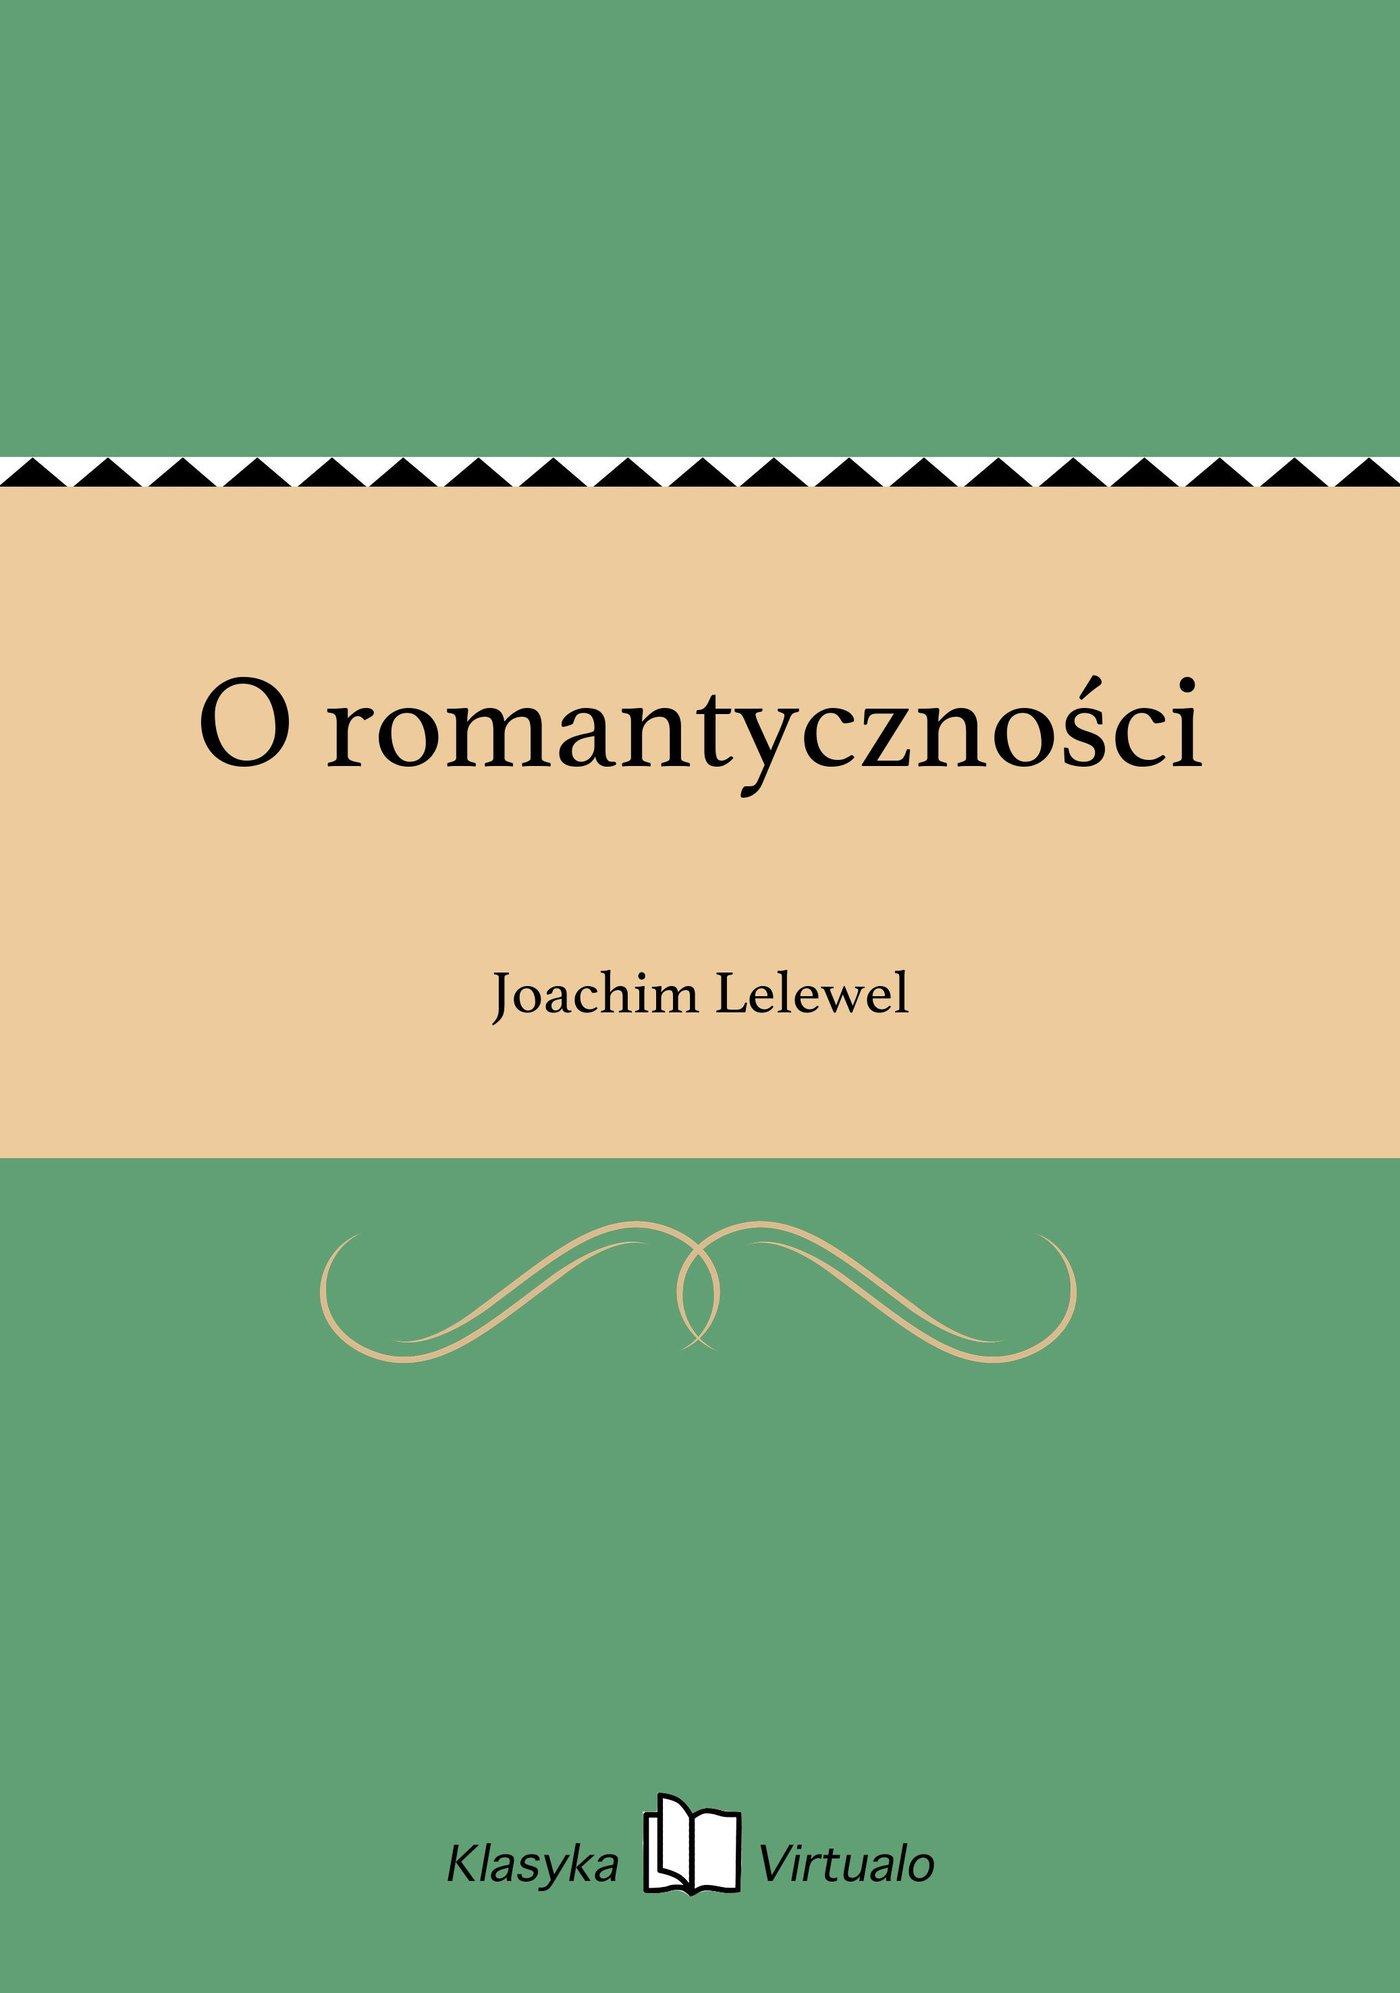 O romantyczności - Ebook (Książka EPUB) do pobrania w formacie EPUB